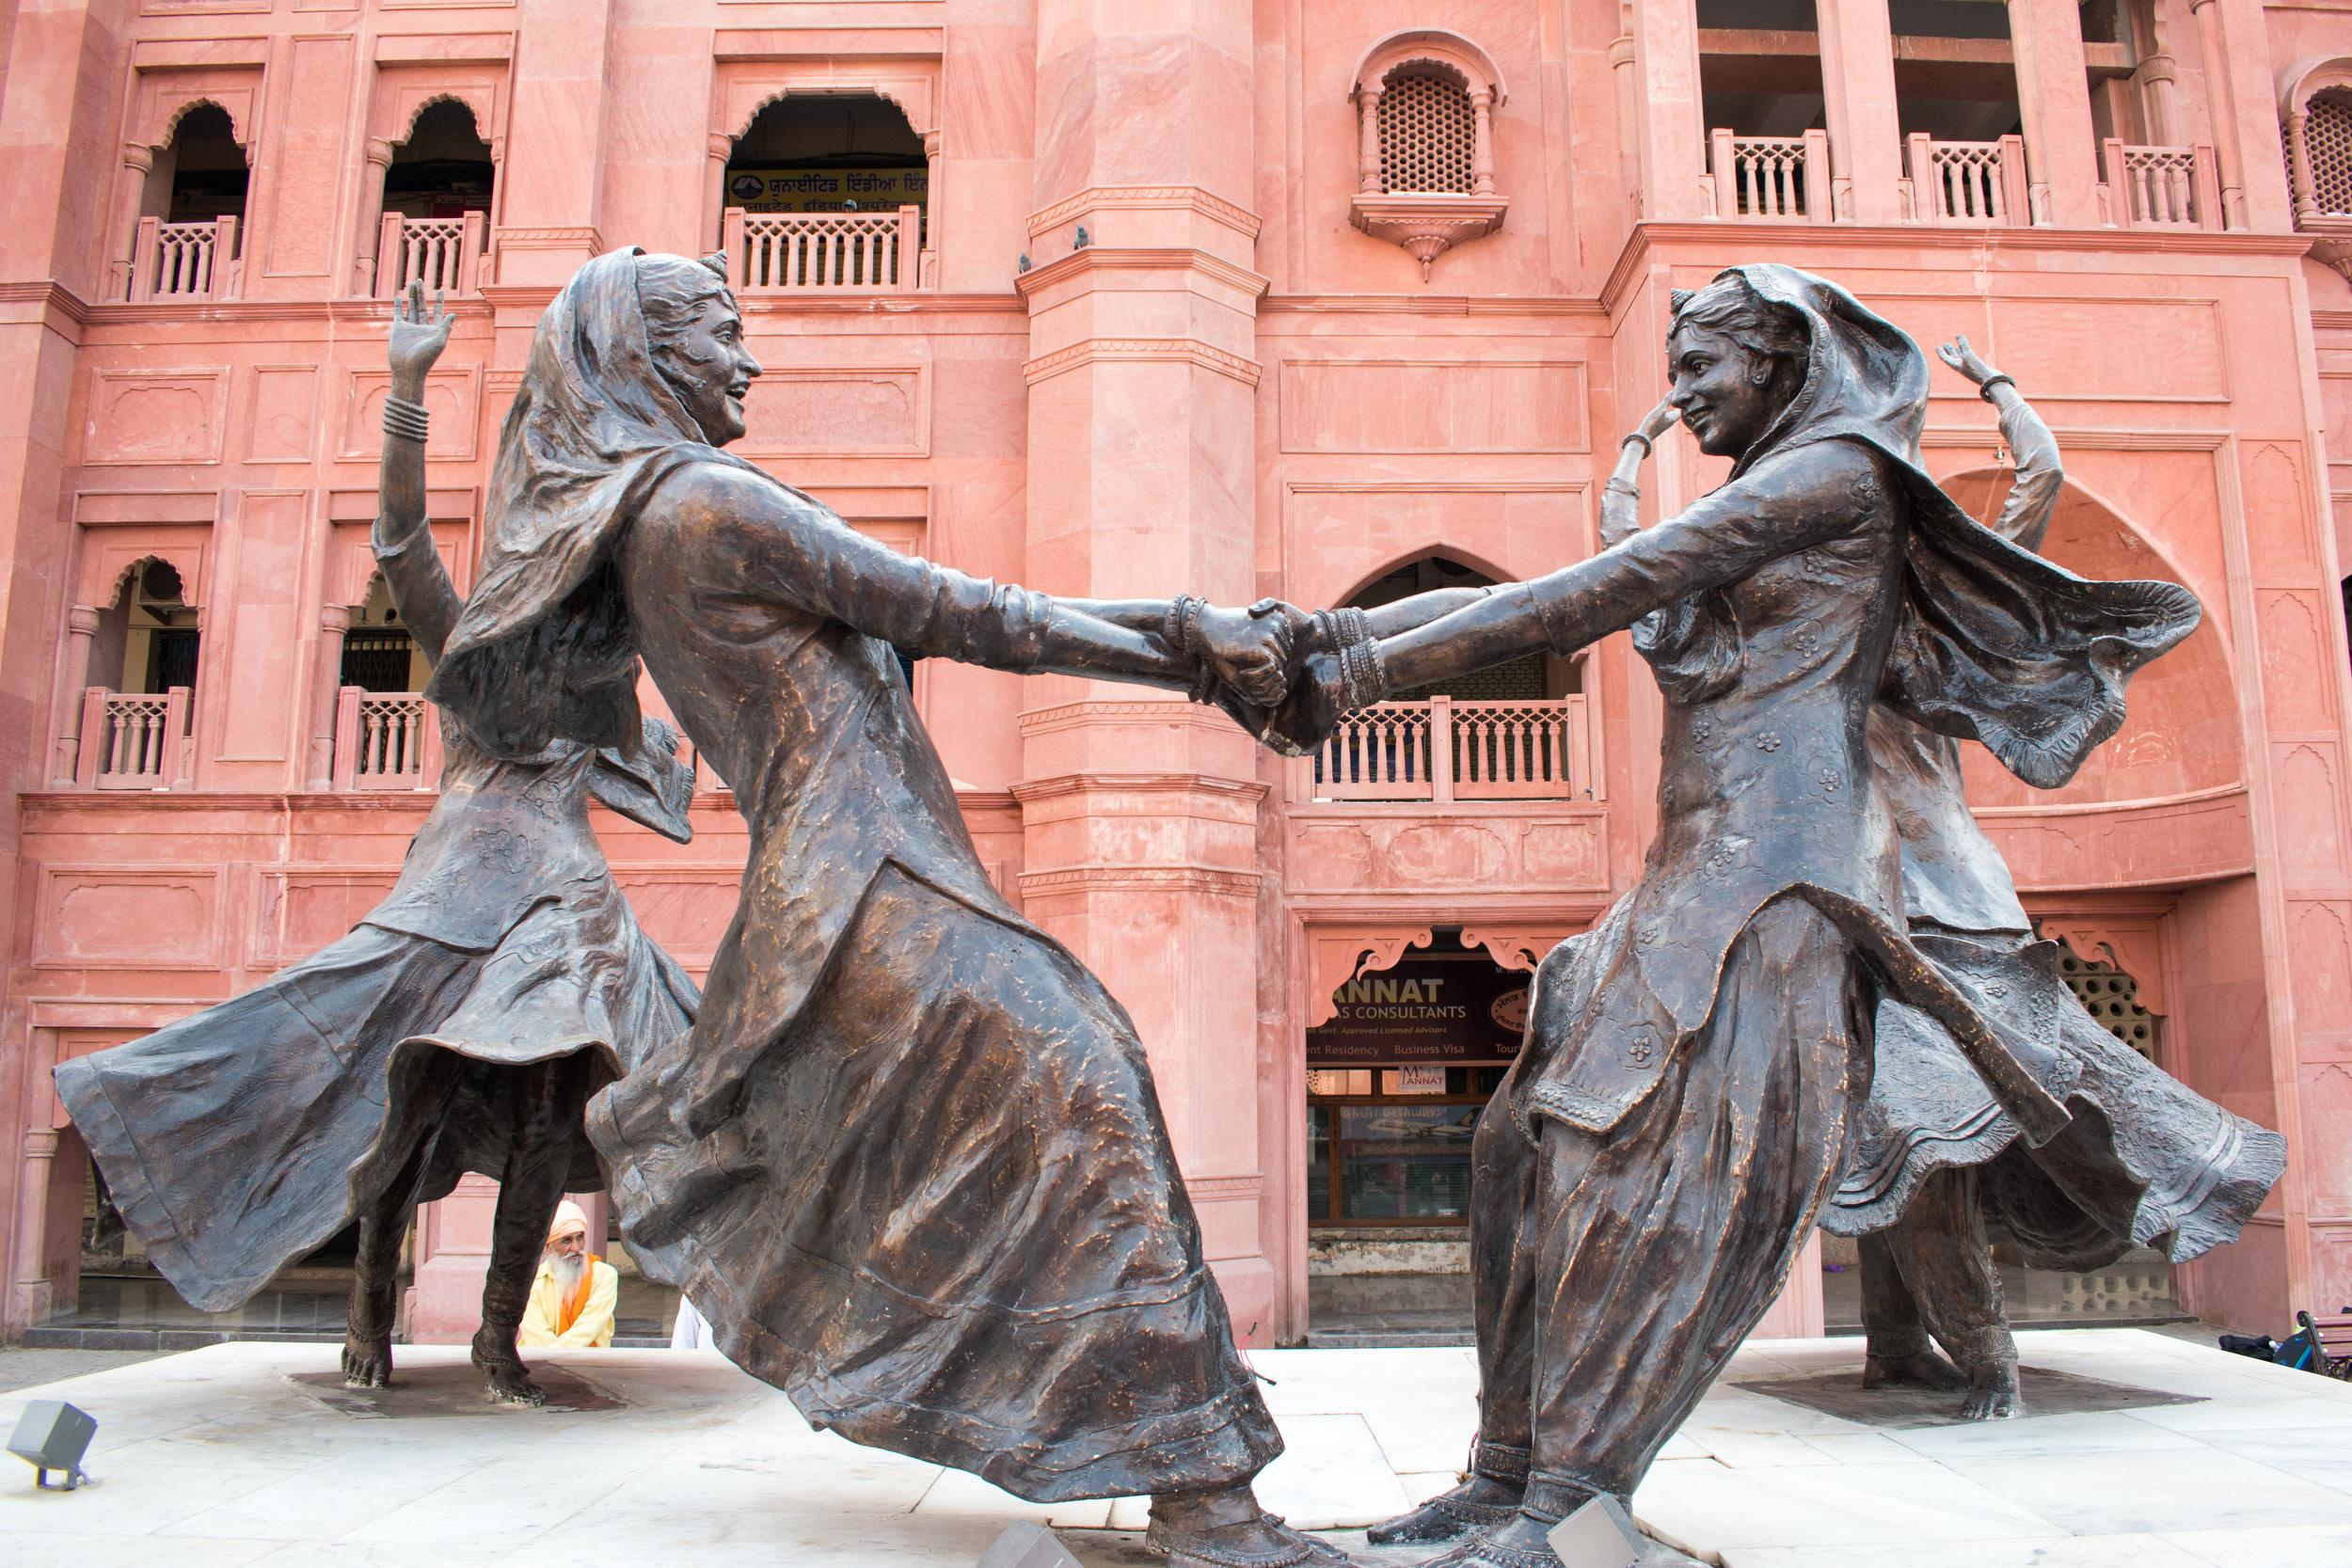 Joyous Sculpture In Amritsar, India